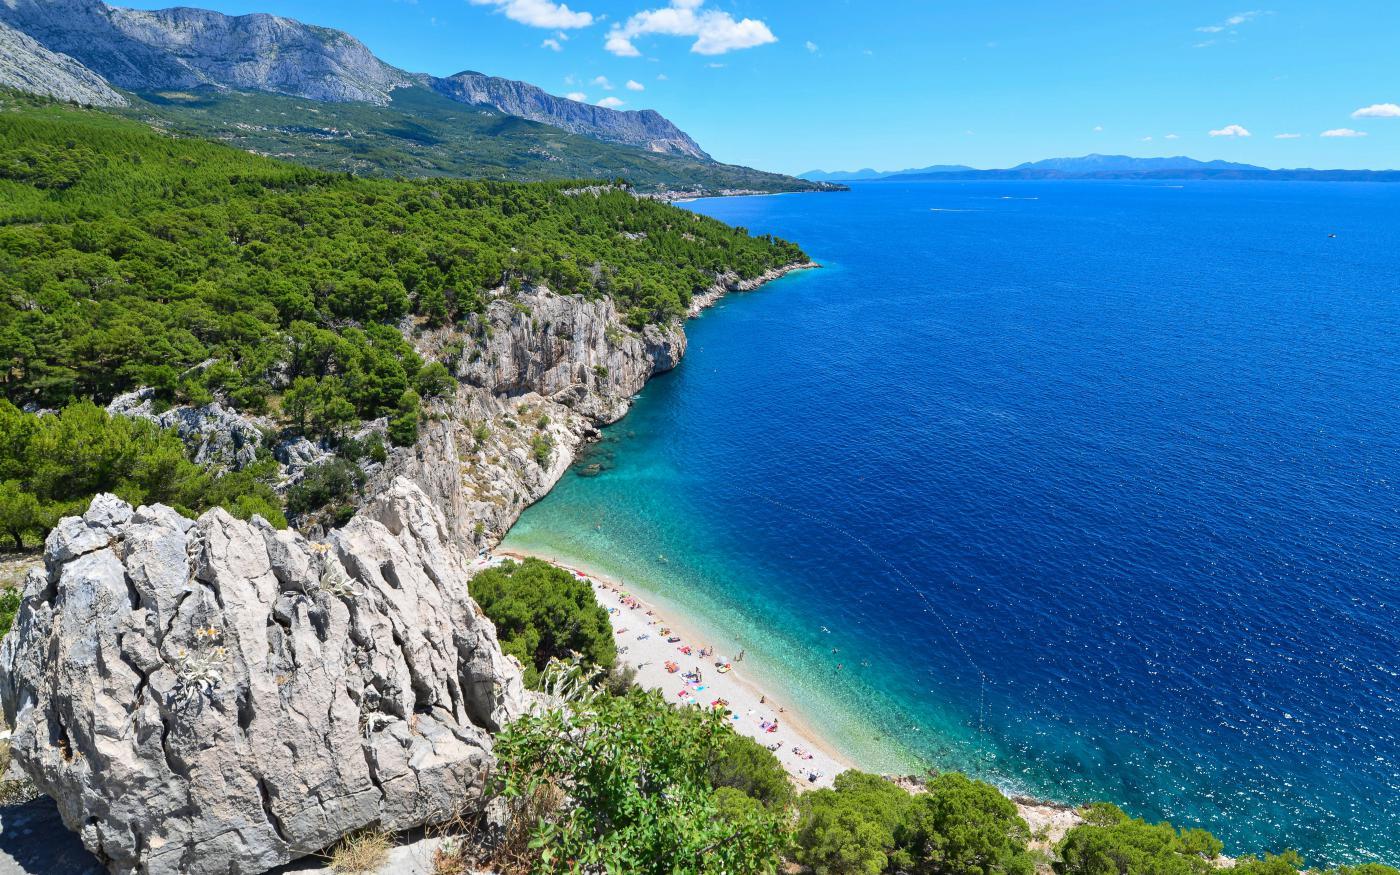 Kroatië wint titel 'Mooiste strand van Europa 2019'